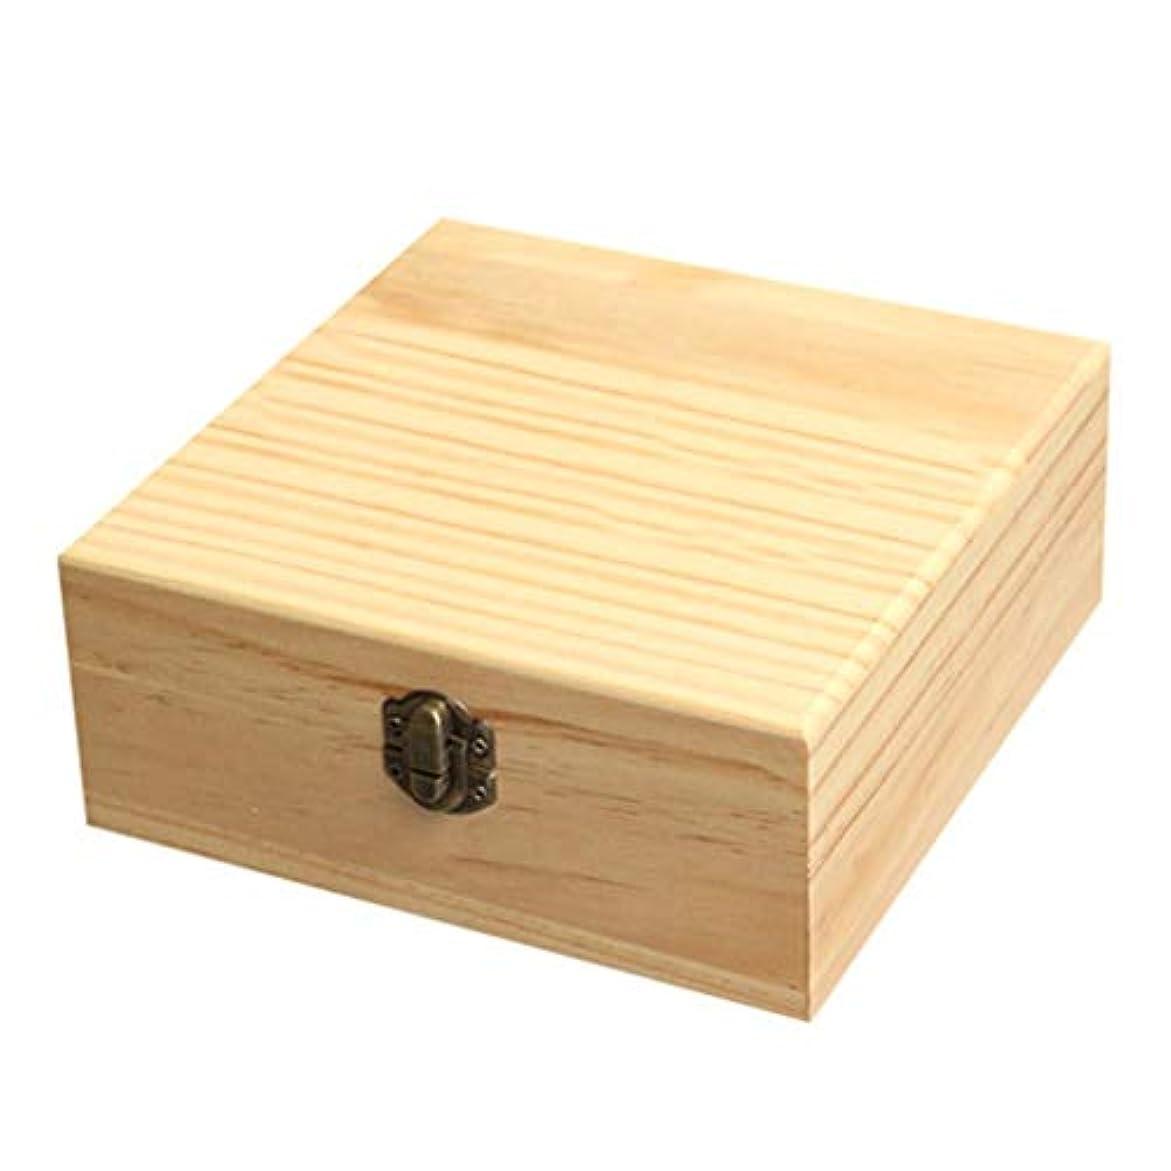 ことわざ半ば絶え間ないhopefull エッセンシャルオイル収納ボックス 大容量 和風 レトロ 木製 精油収納 携帯便利 オイルボックス 飾り物 25本用 for